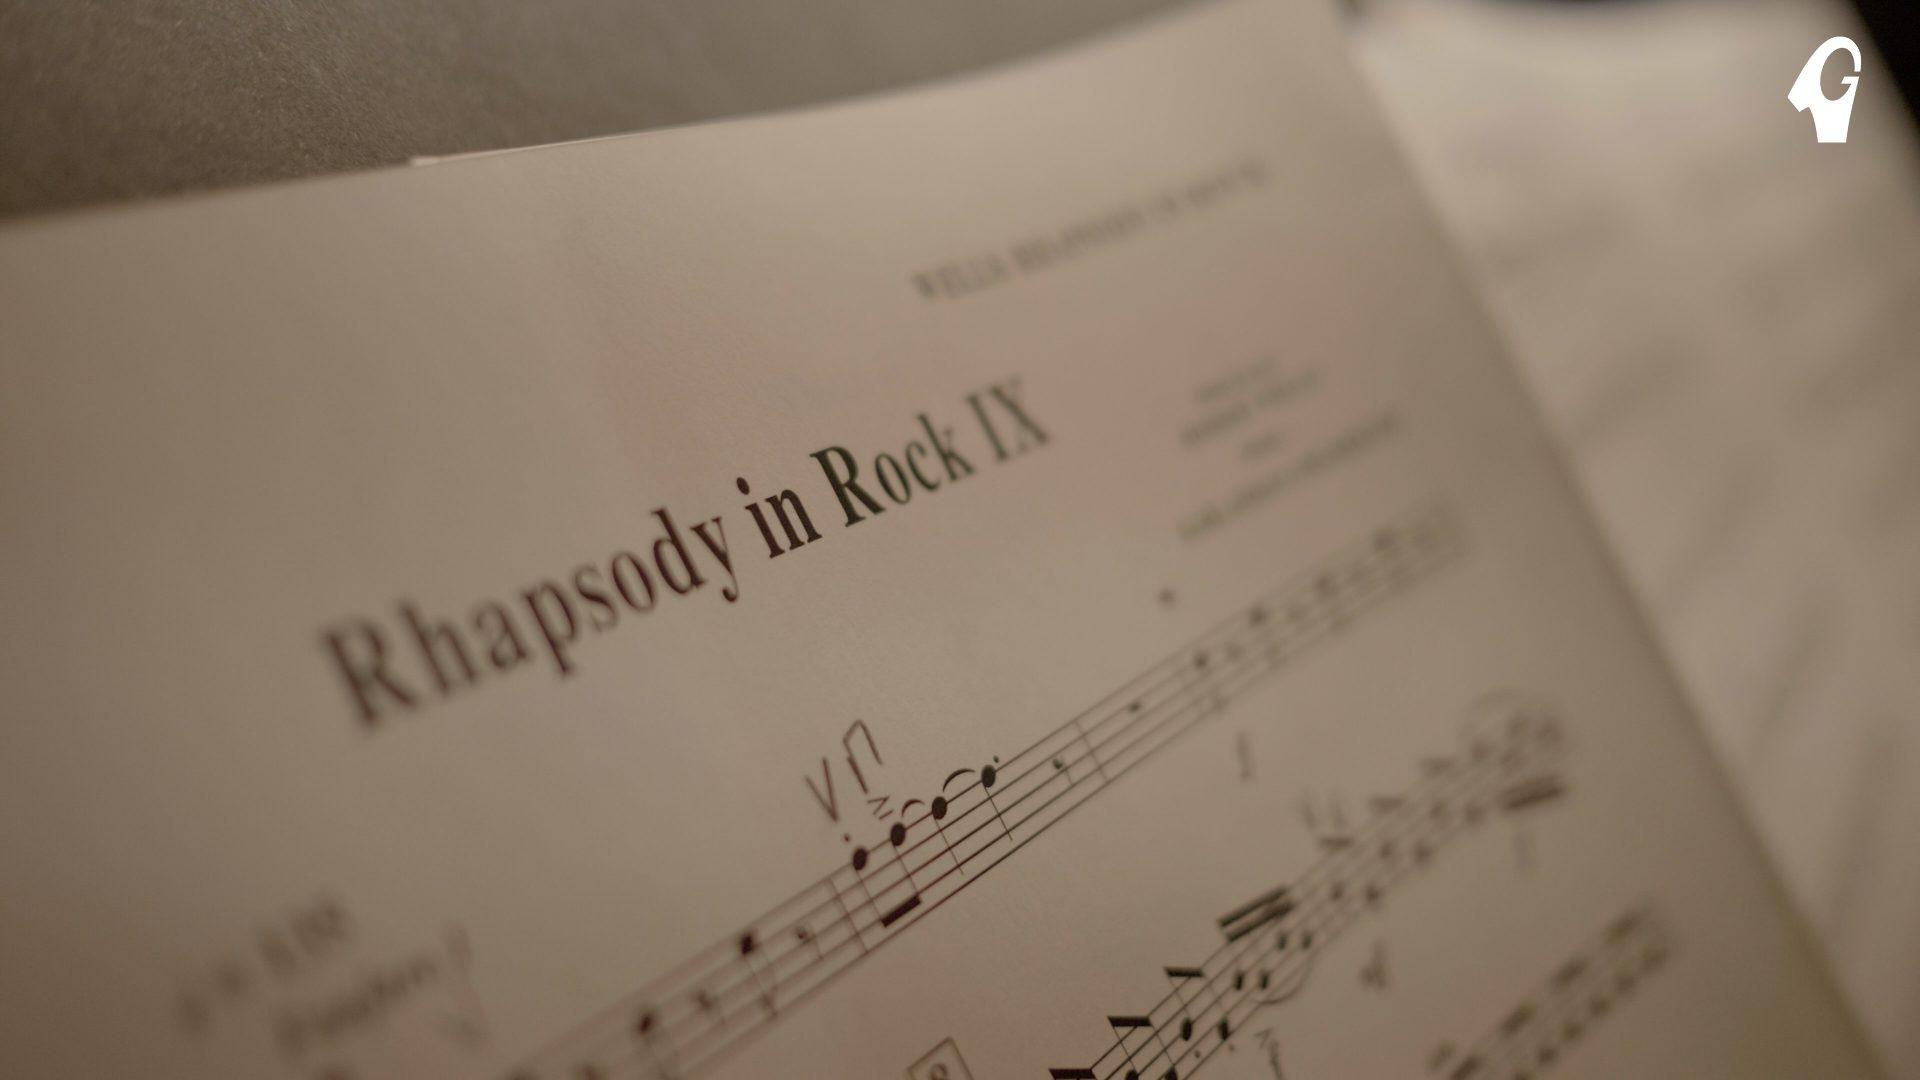 Notblad från Rhapsody in rock